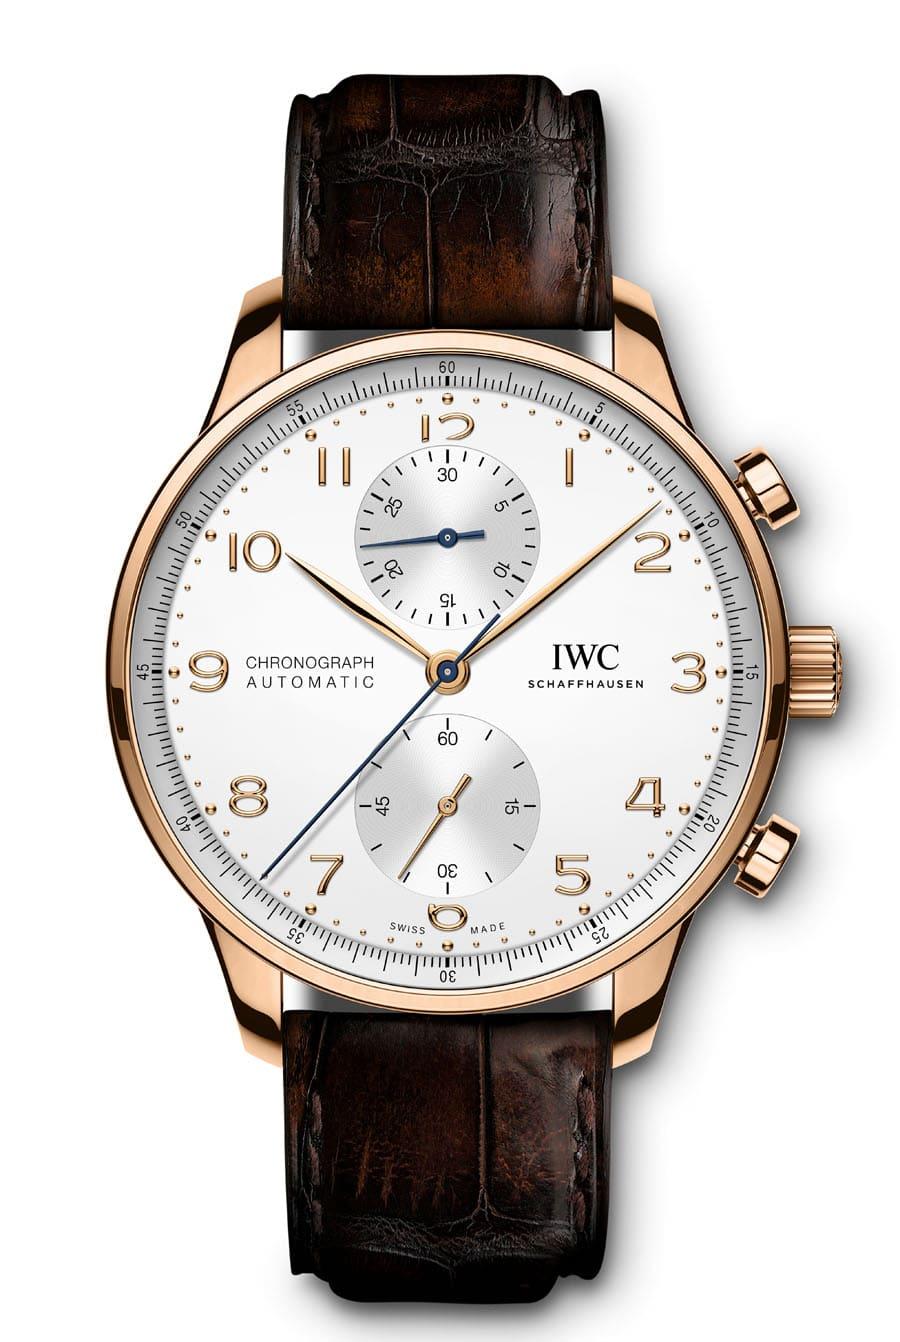 IWC: Portugieser Chronograph Referenz IW371611 in Rotgold mit argentéfarbenem Zifferblatt